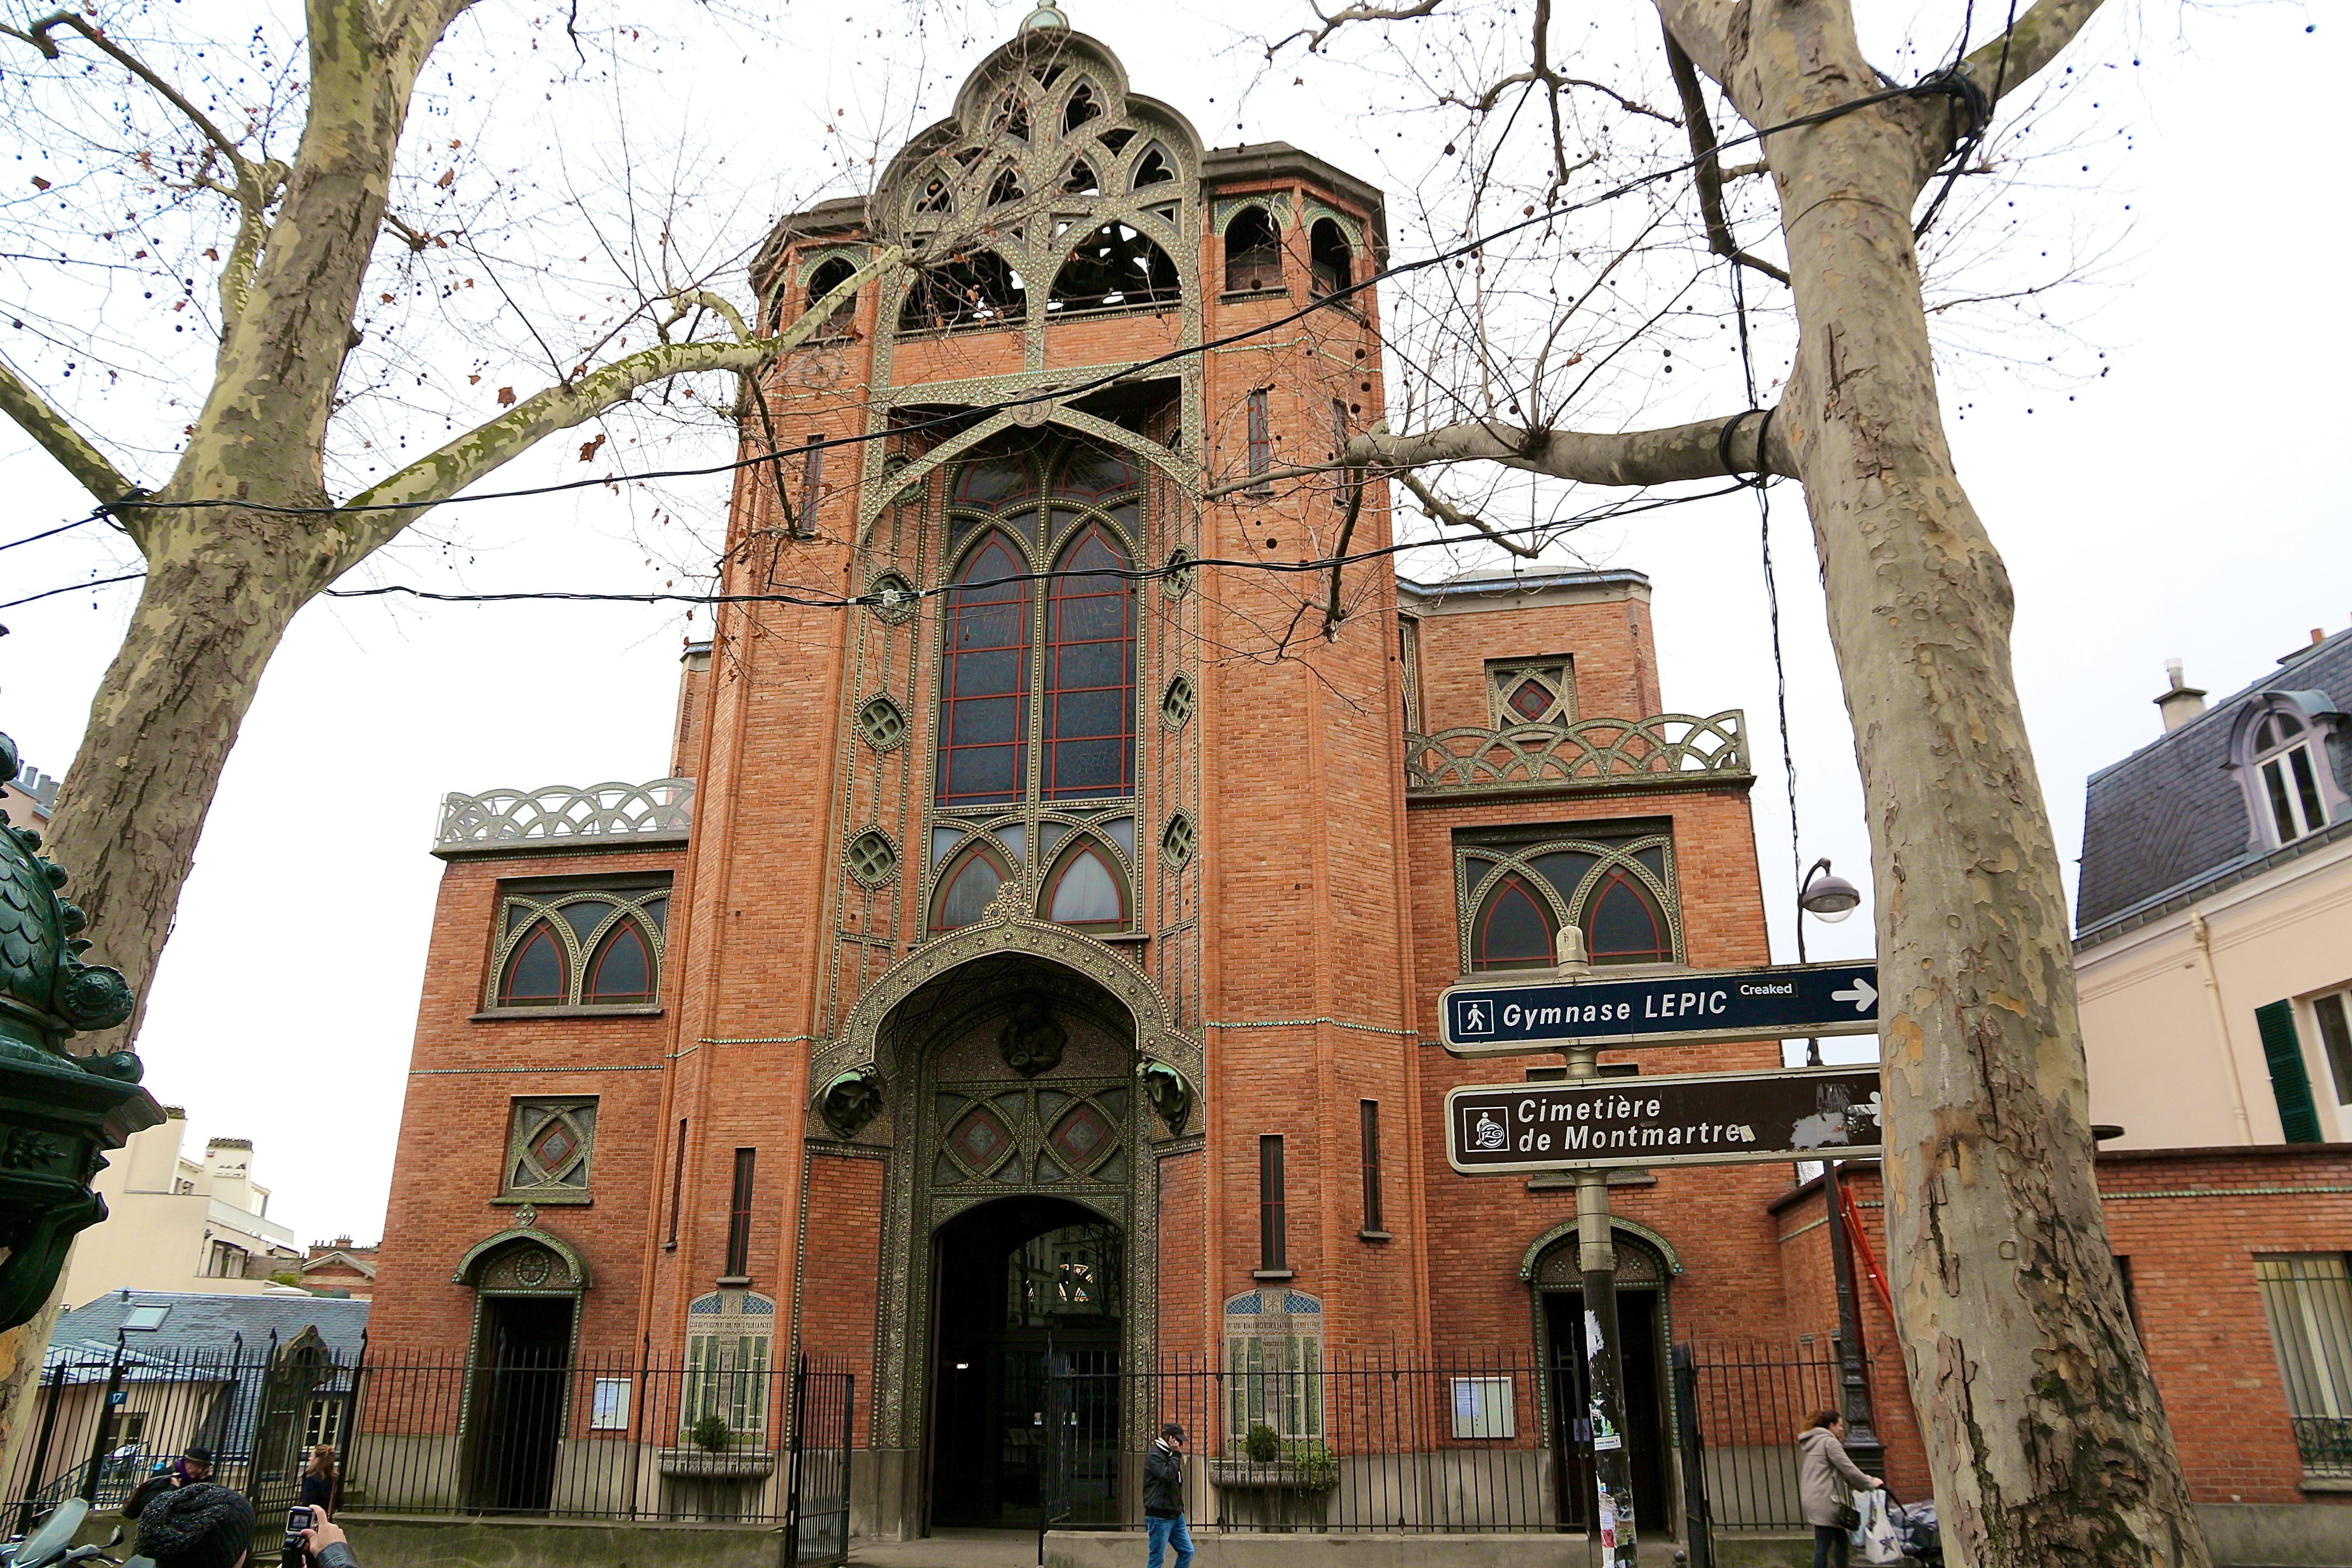 l'Église Saint-Jean-de-Montmartre